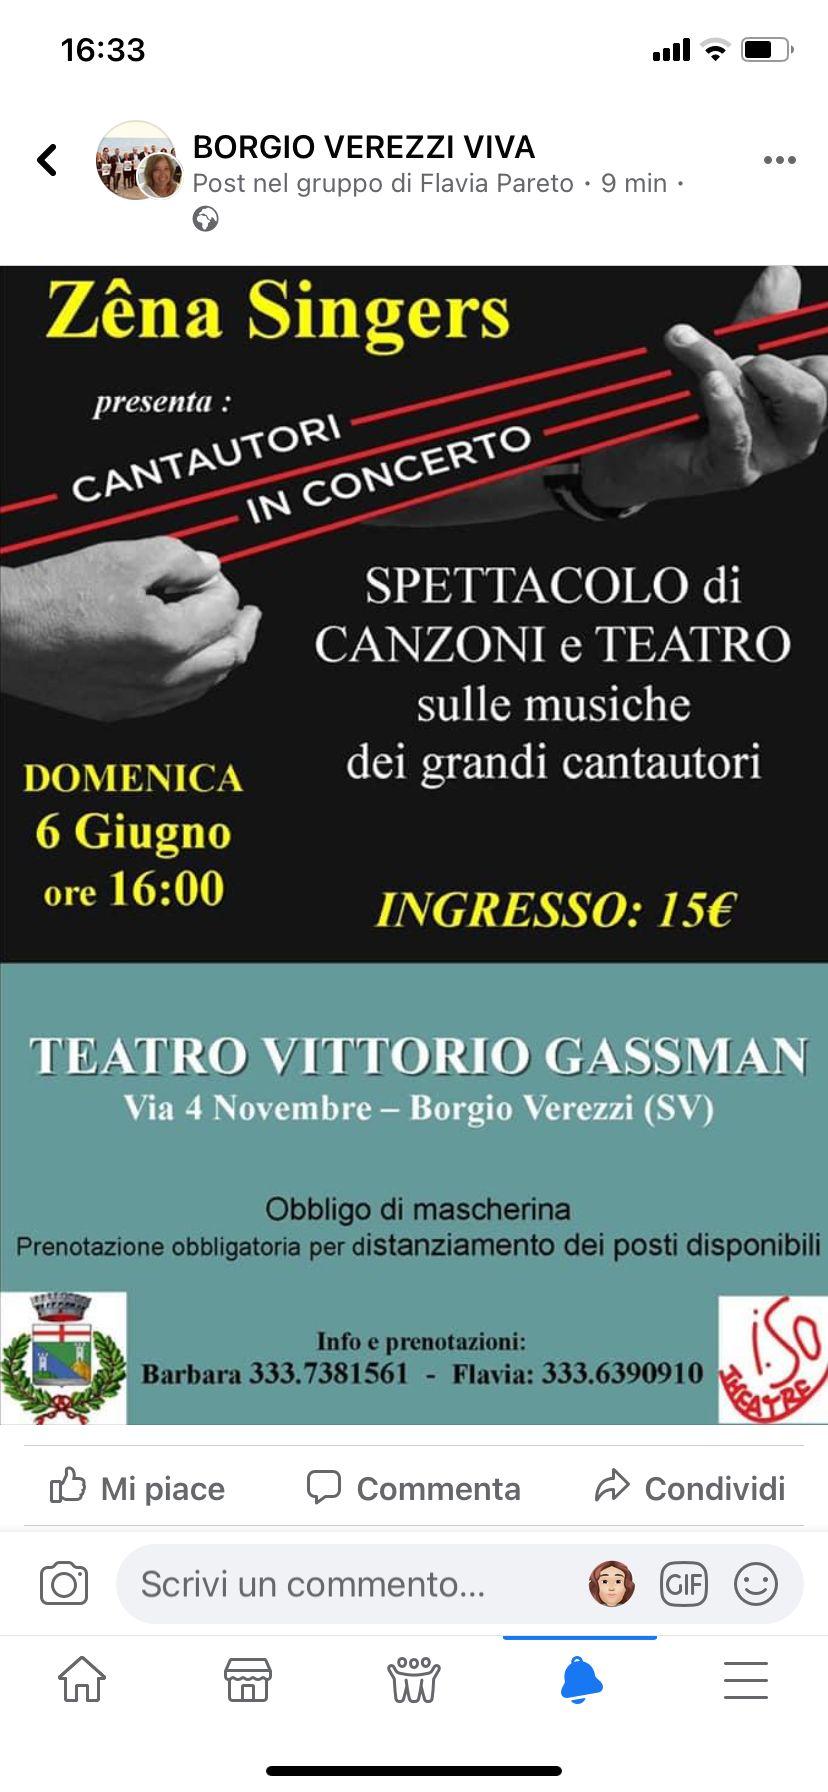 Appuntamento Zena Singers , domenica 6 giugno  Borgio Verezzi